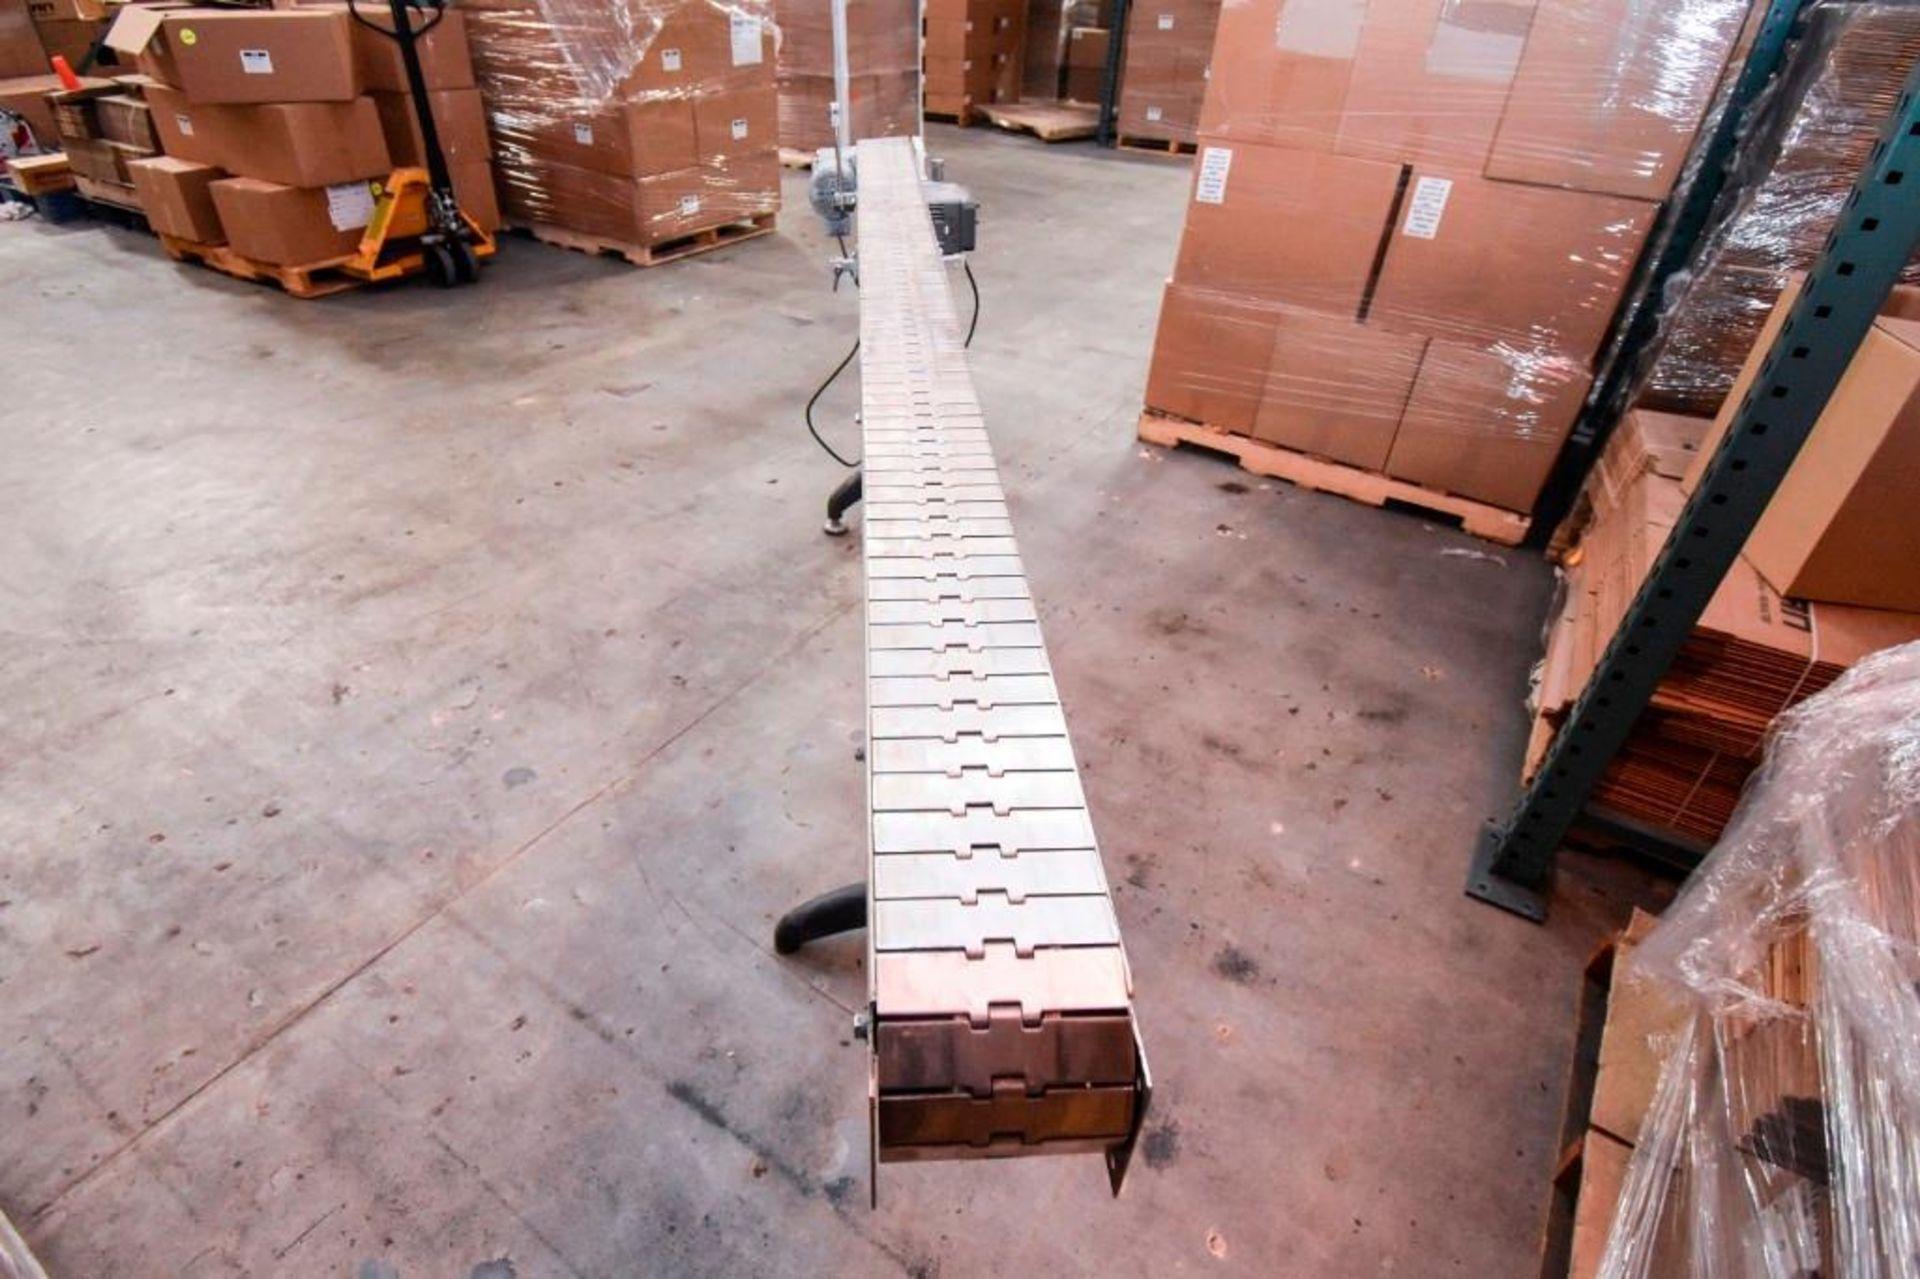 Accutek Variable Speed Conveyor - Image 8 of 11